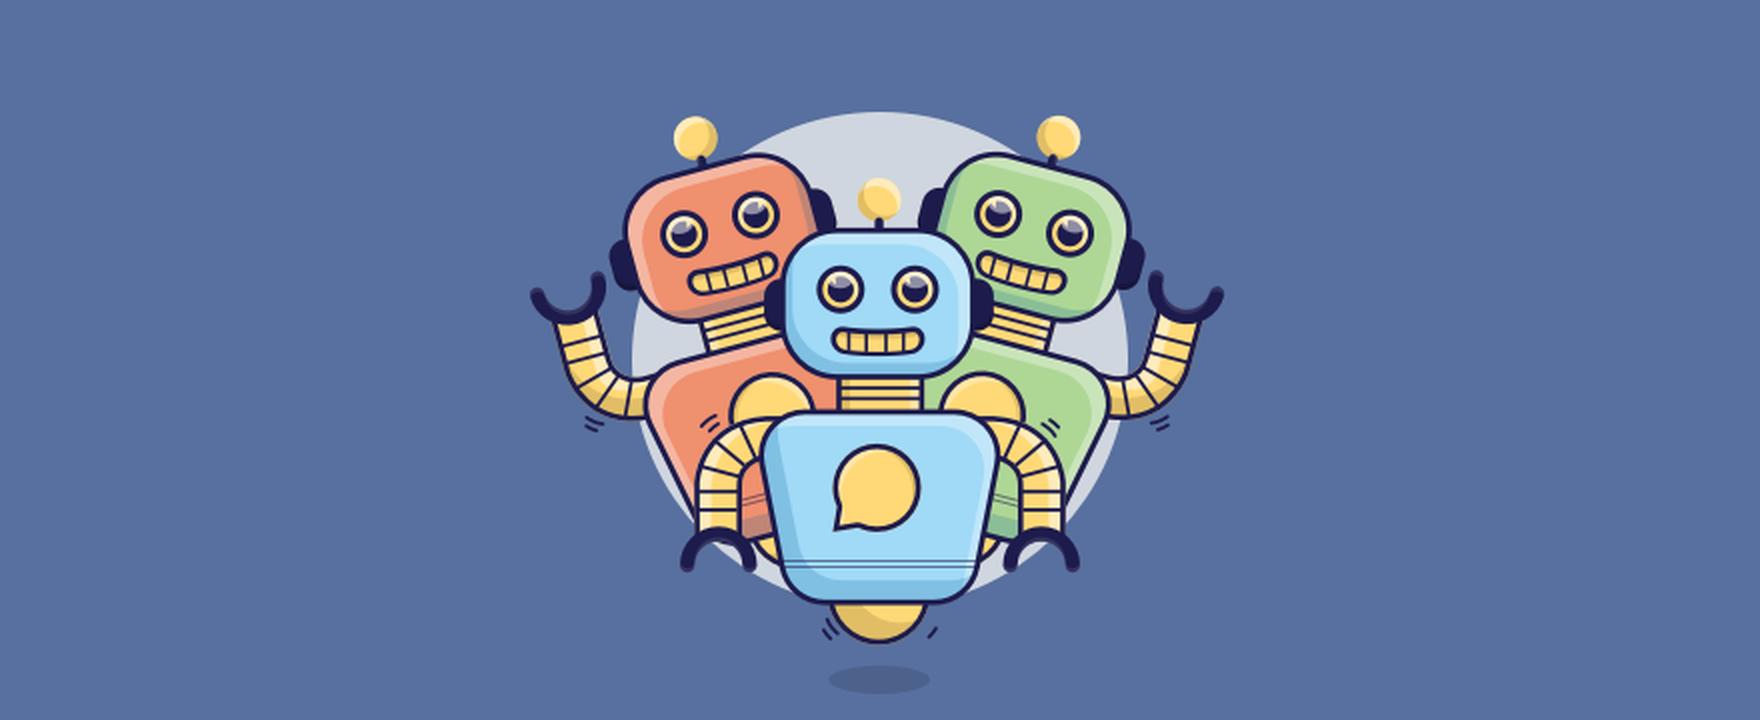 Ứng dụng Chatbot cho doanh nghiệp bạn cần biết